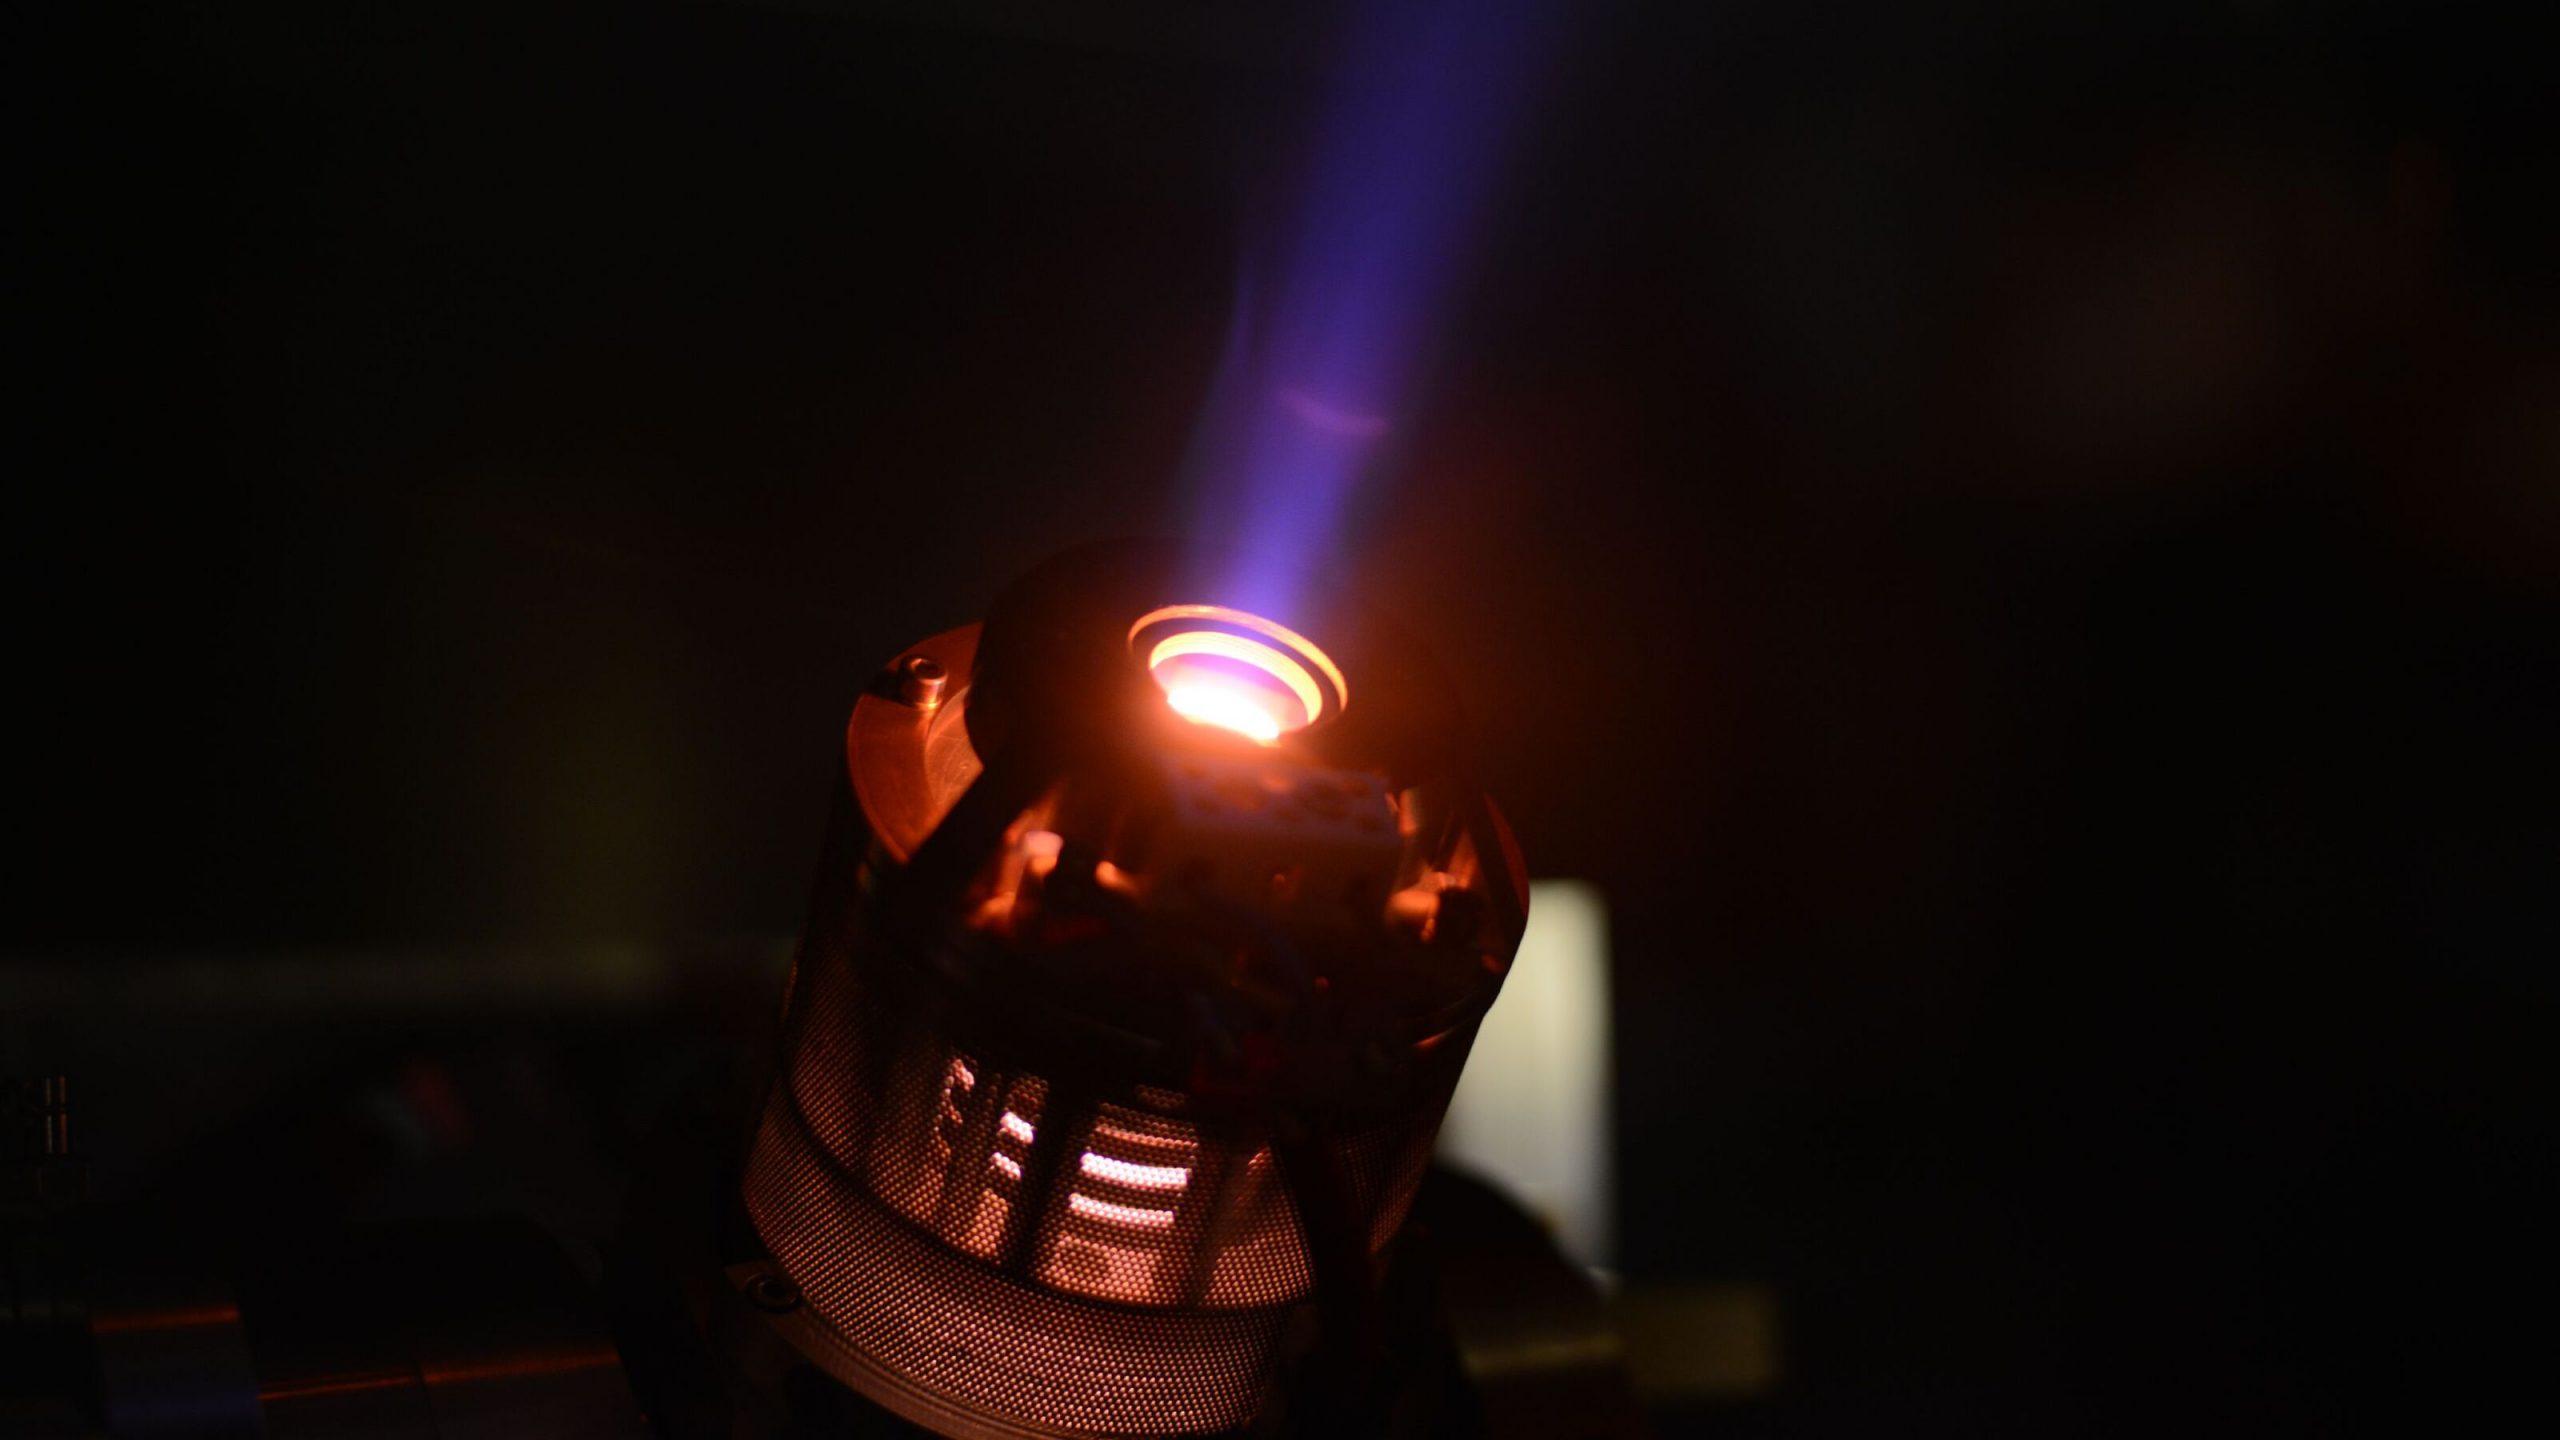 اندازه گیری بازتاب نور - افت برگشتی فیبر نوری